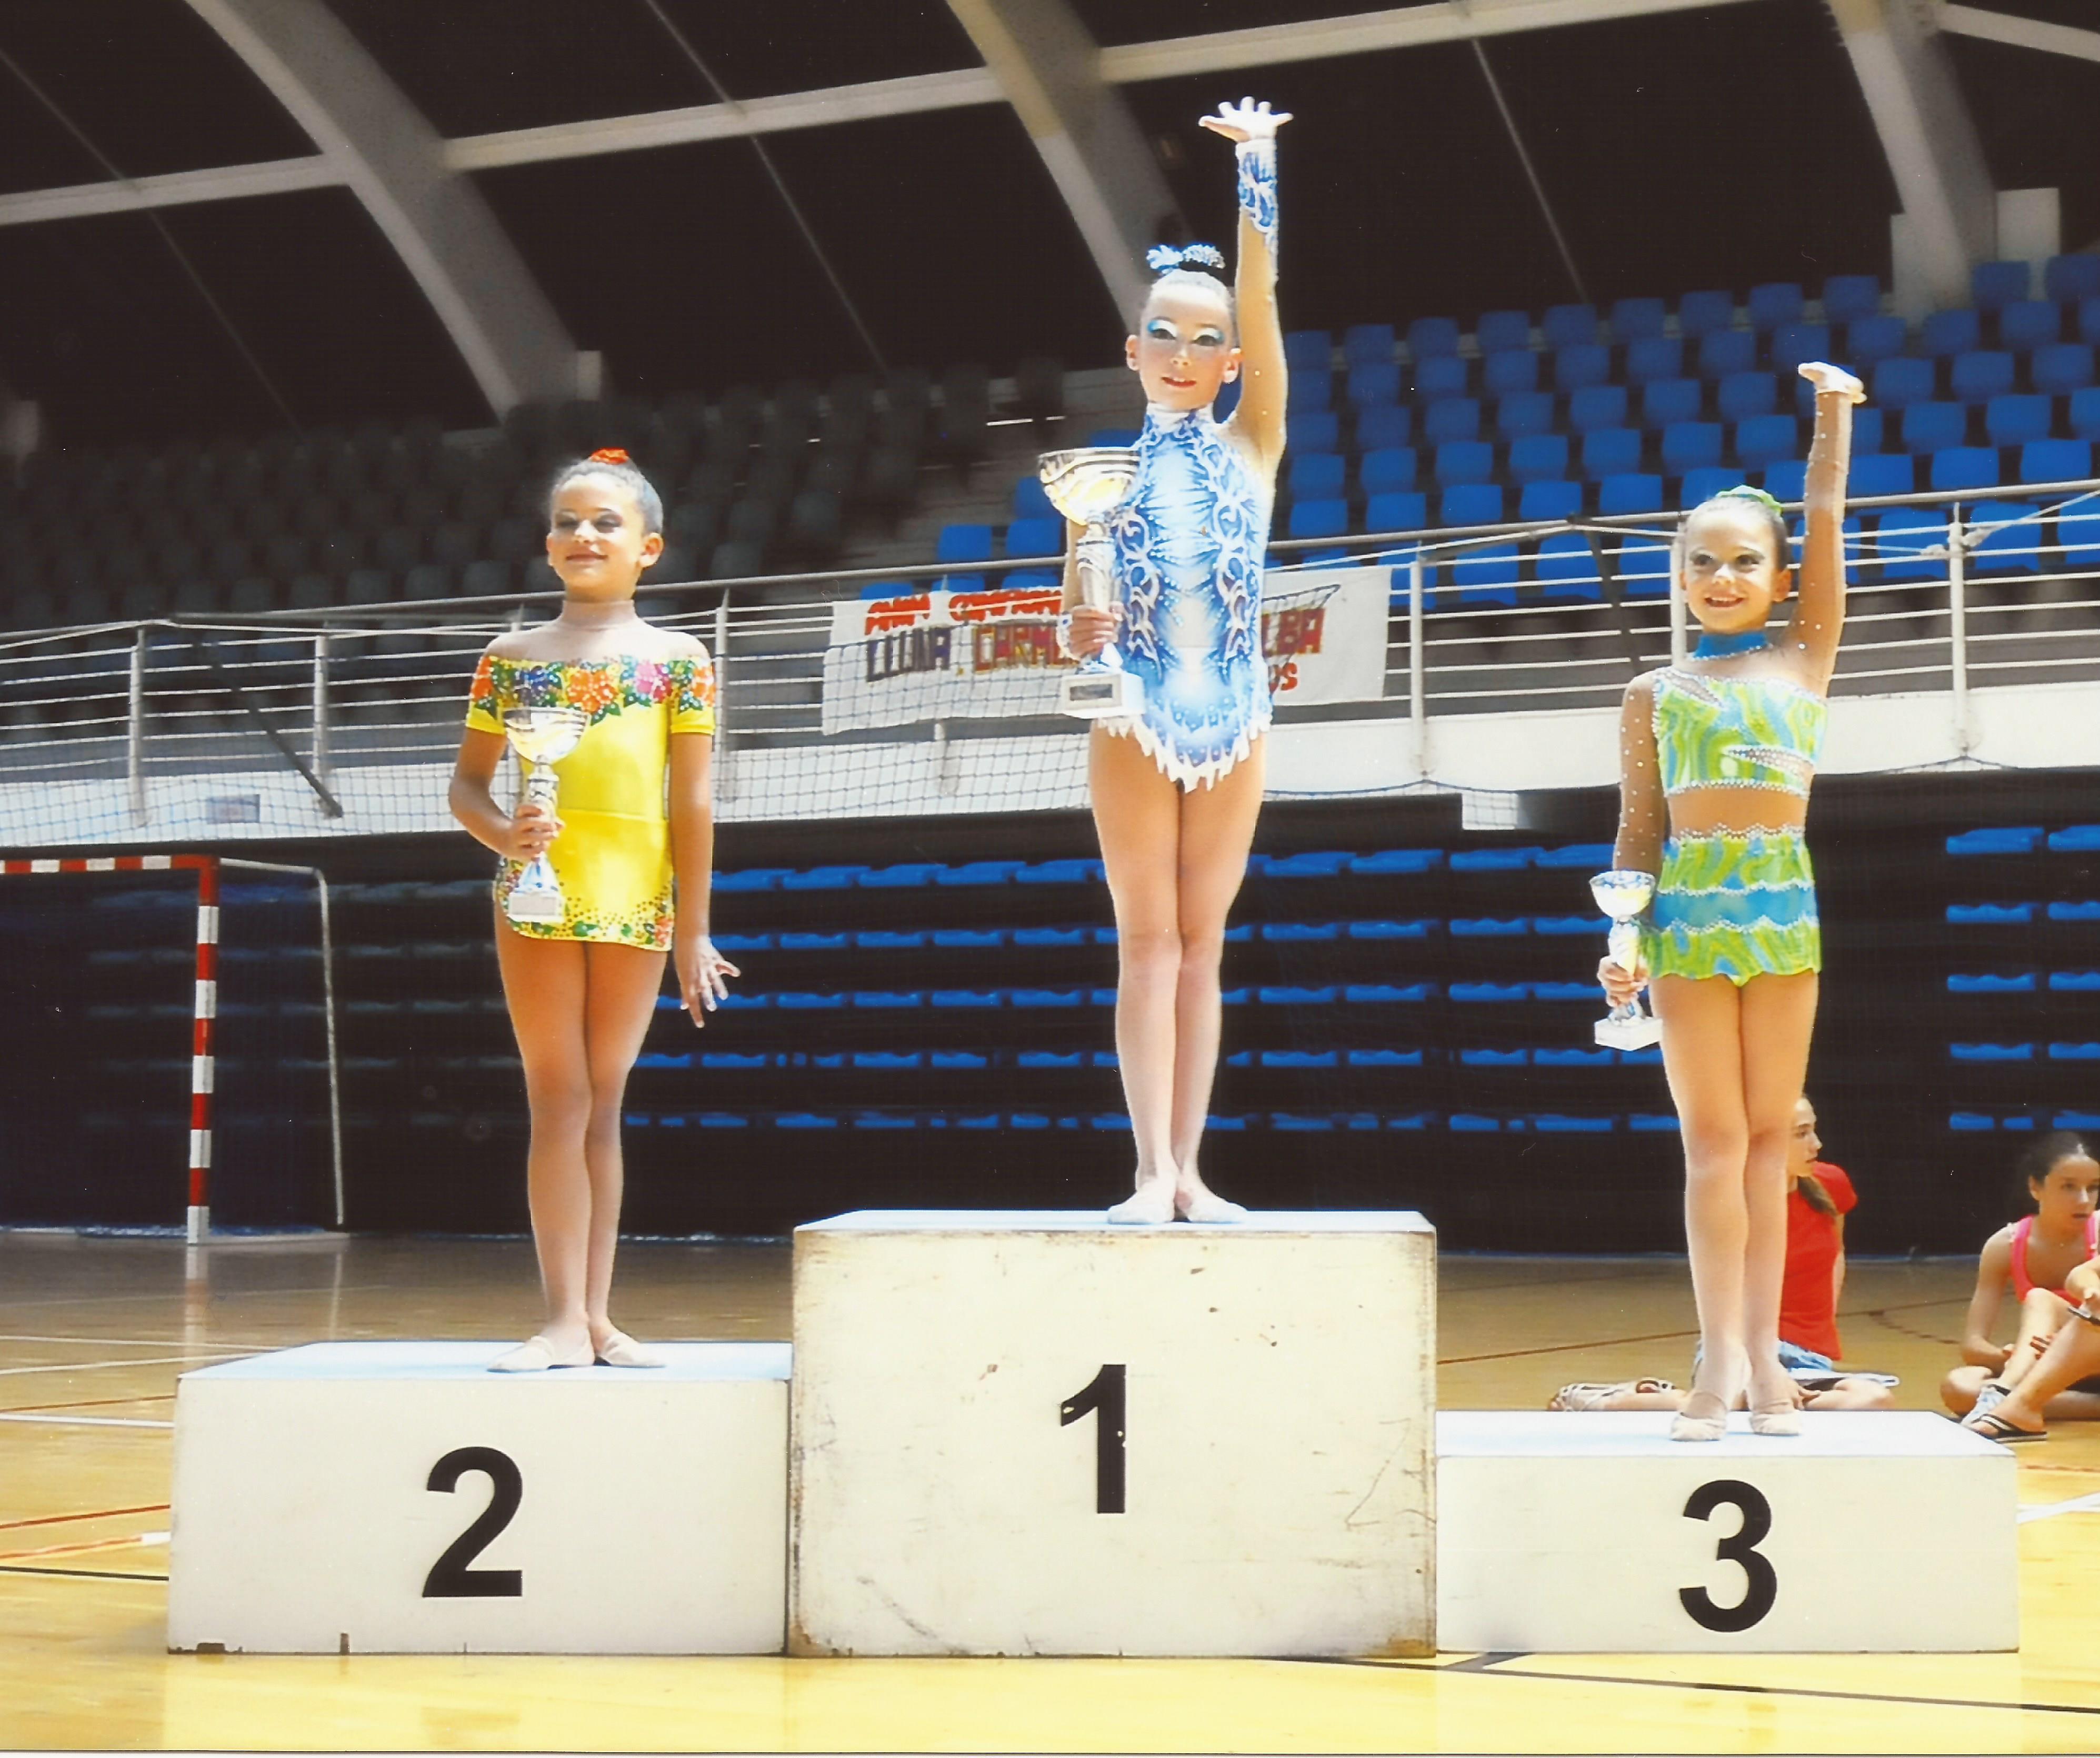 Campionat Autonòmic 001